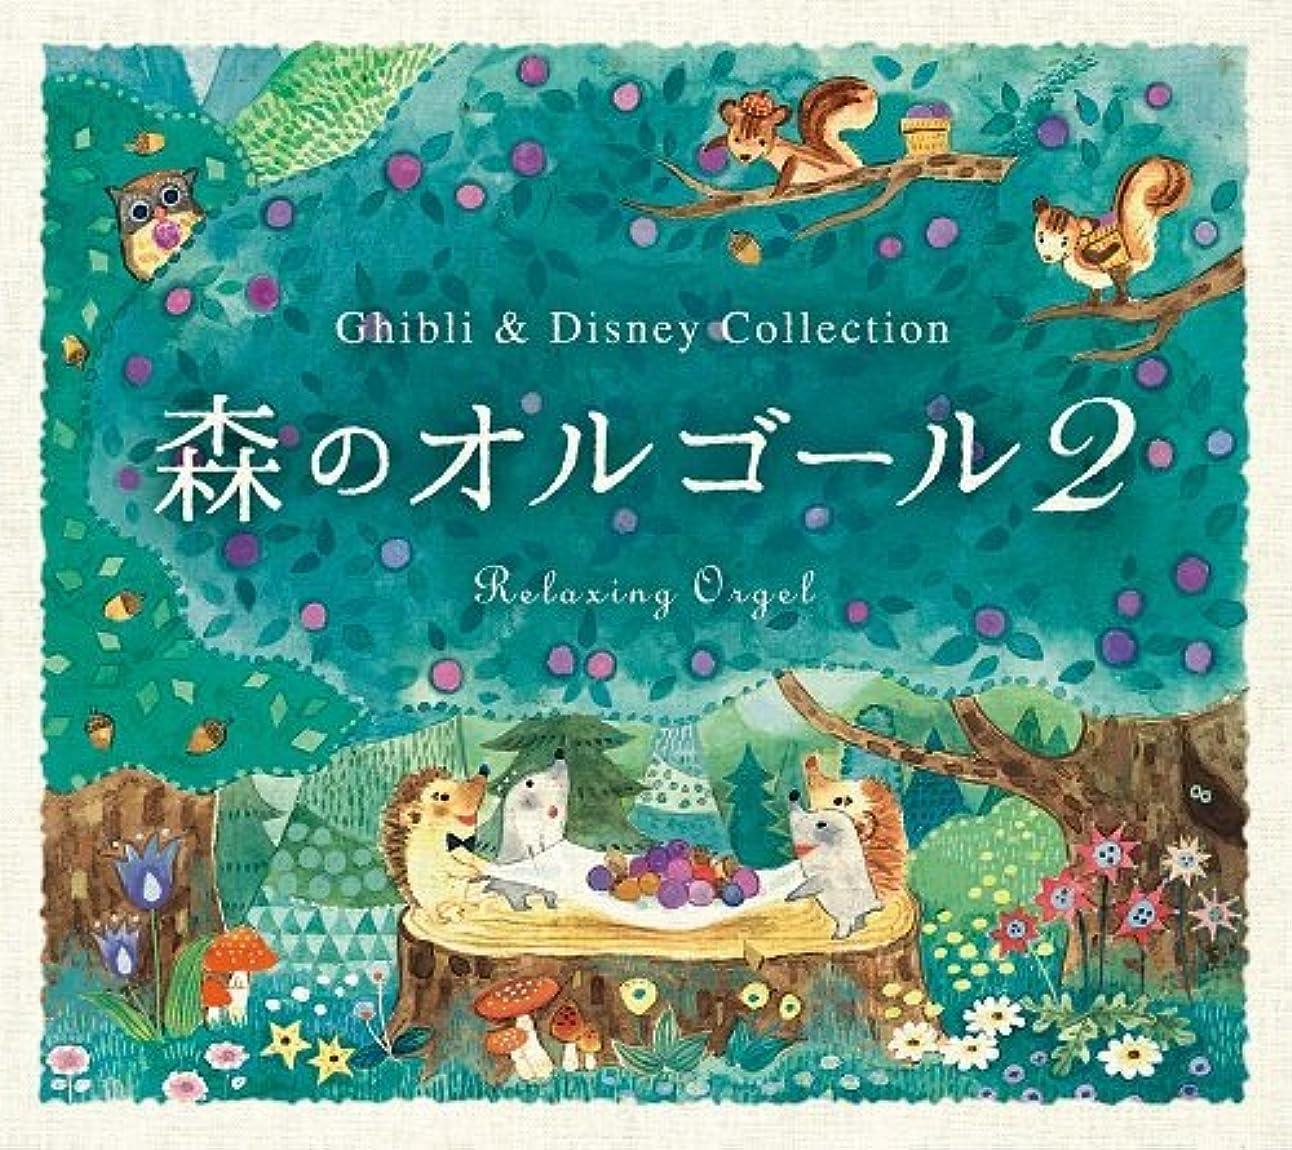 提案平凡想像する森のオルゴール2~ジブリ&ディズニー?コレクション